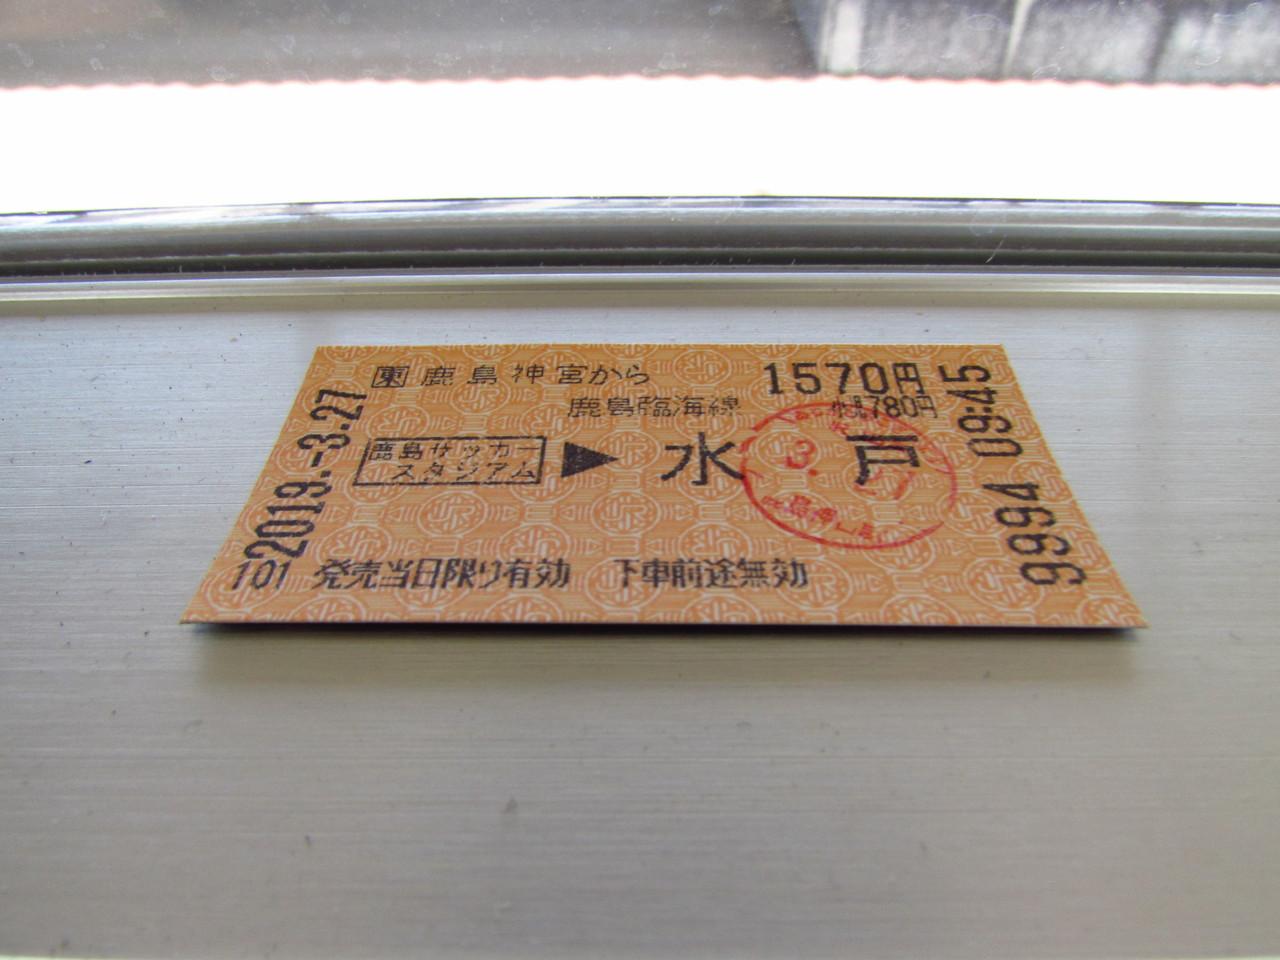 鹿島 水戸 神宮 駅 駅 から